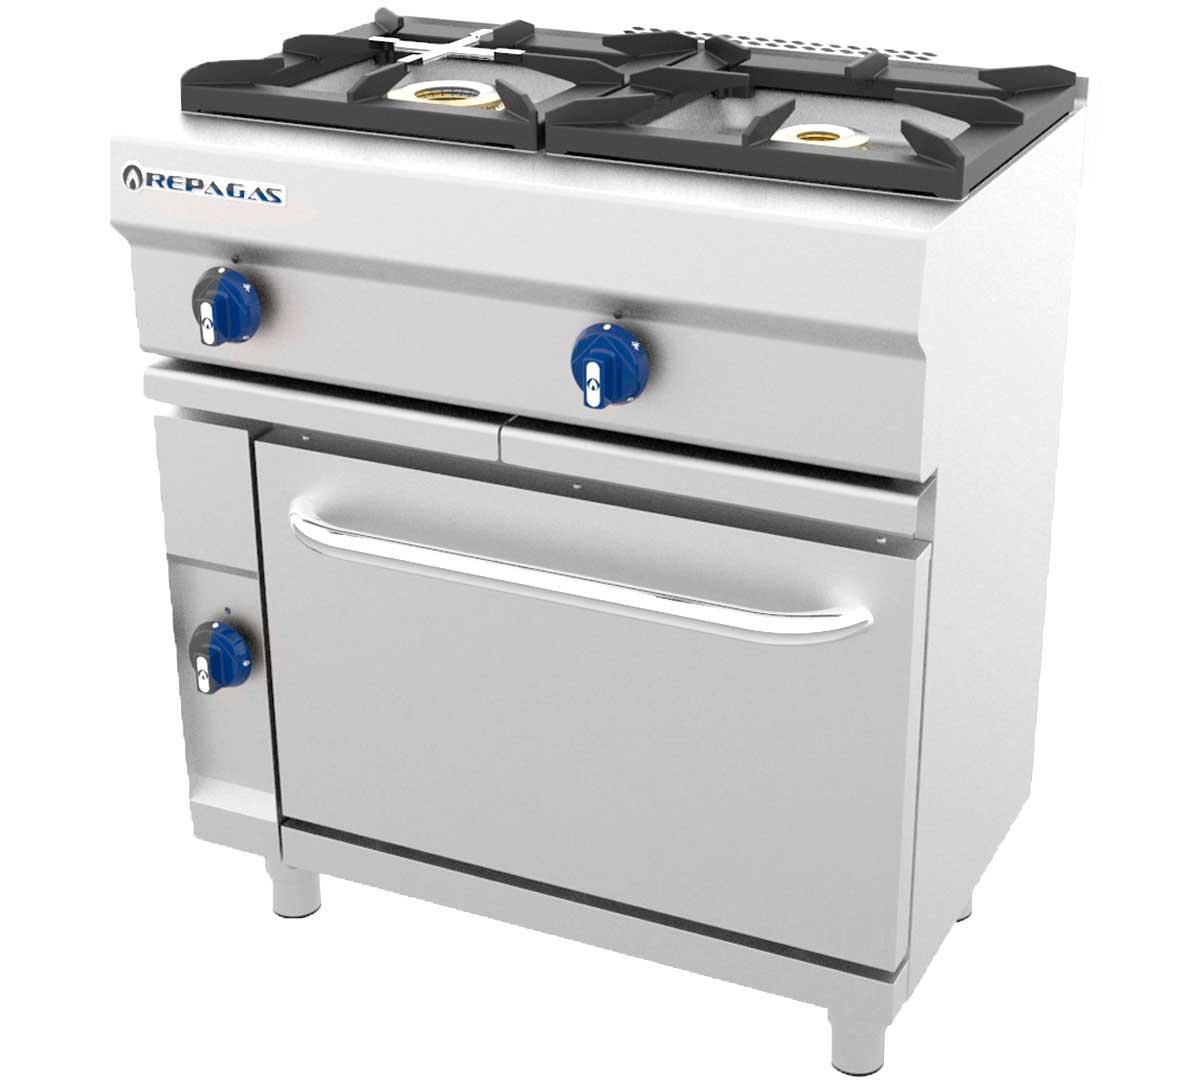 Cocina serie 550 modular horno de repagas - Horno para cocina ...